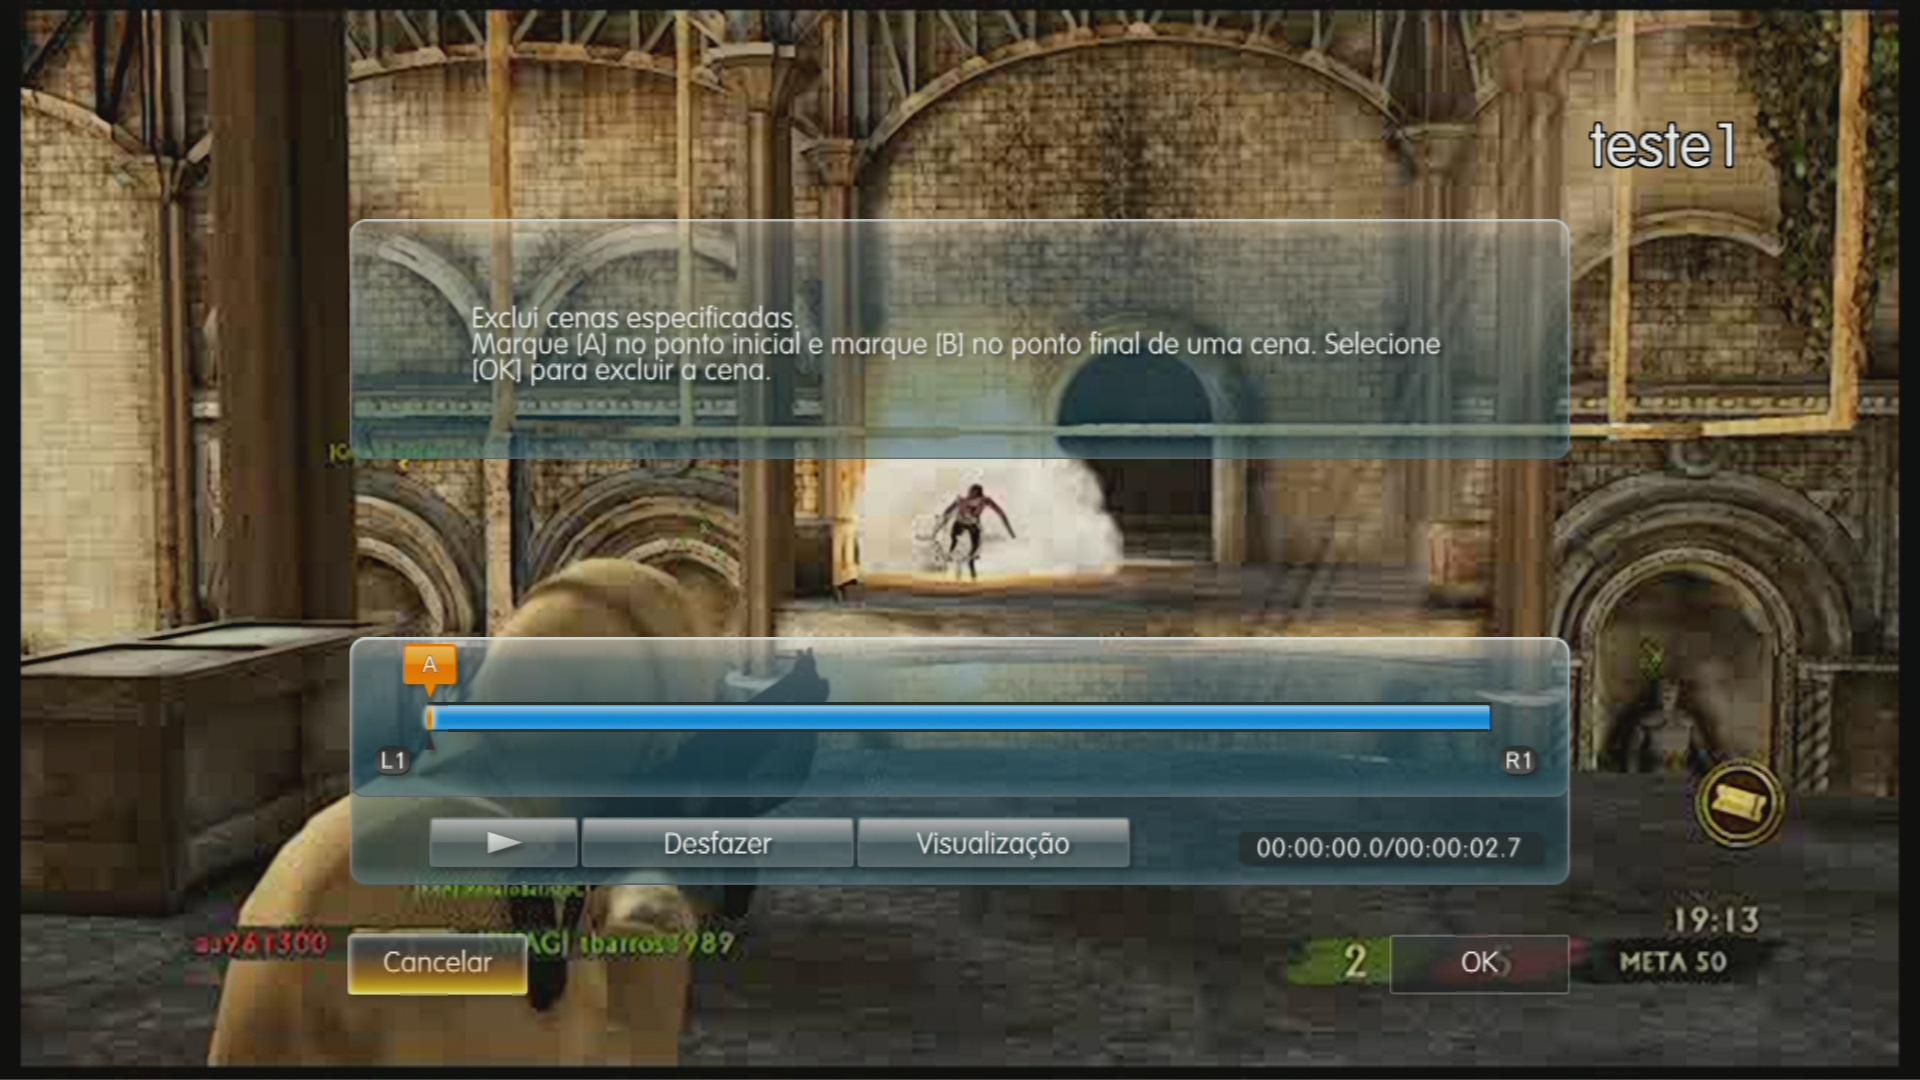 Os usuários podem recortar e excluir cenas específicas. (Foto: Reprodução)